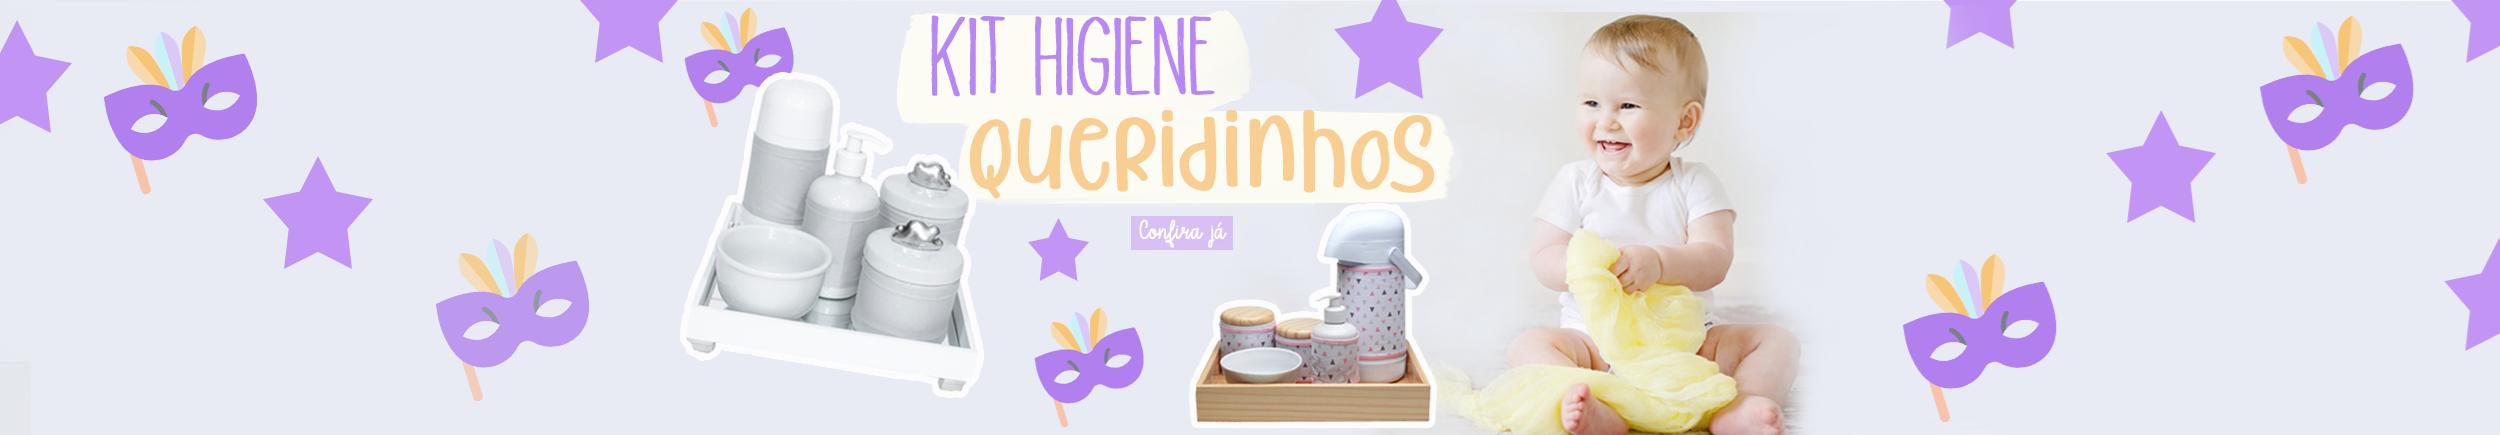 Banner- Kit Higiene Carnaval